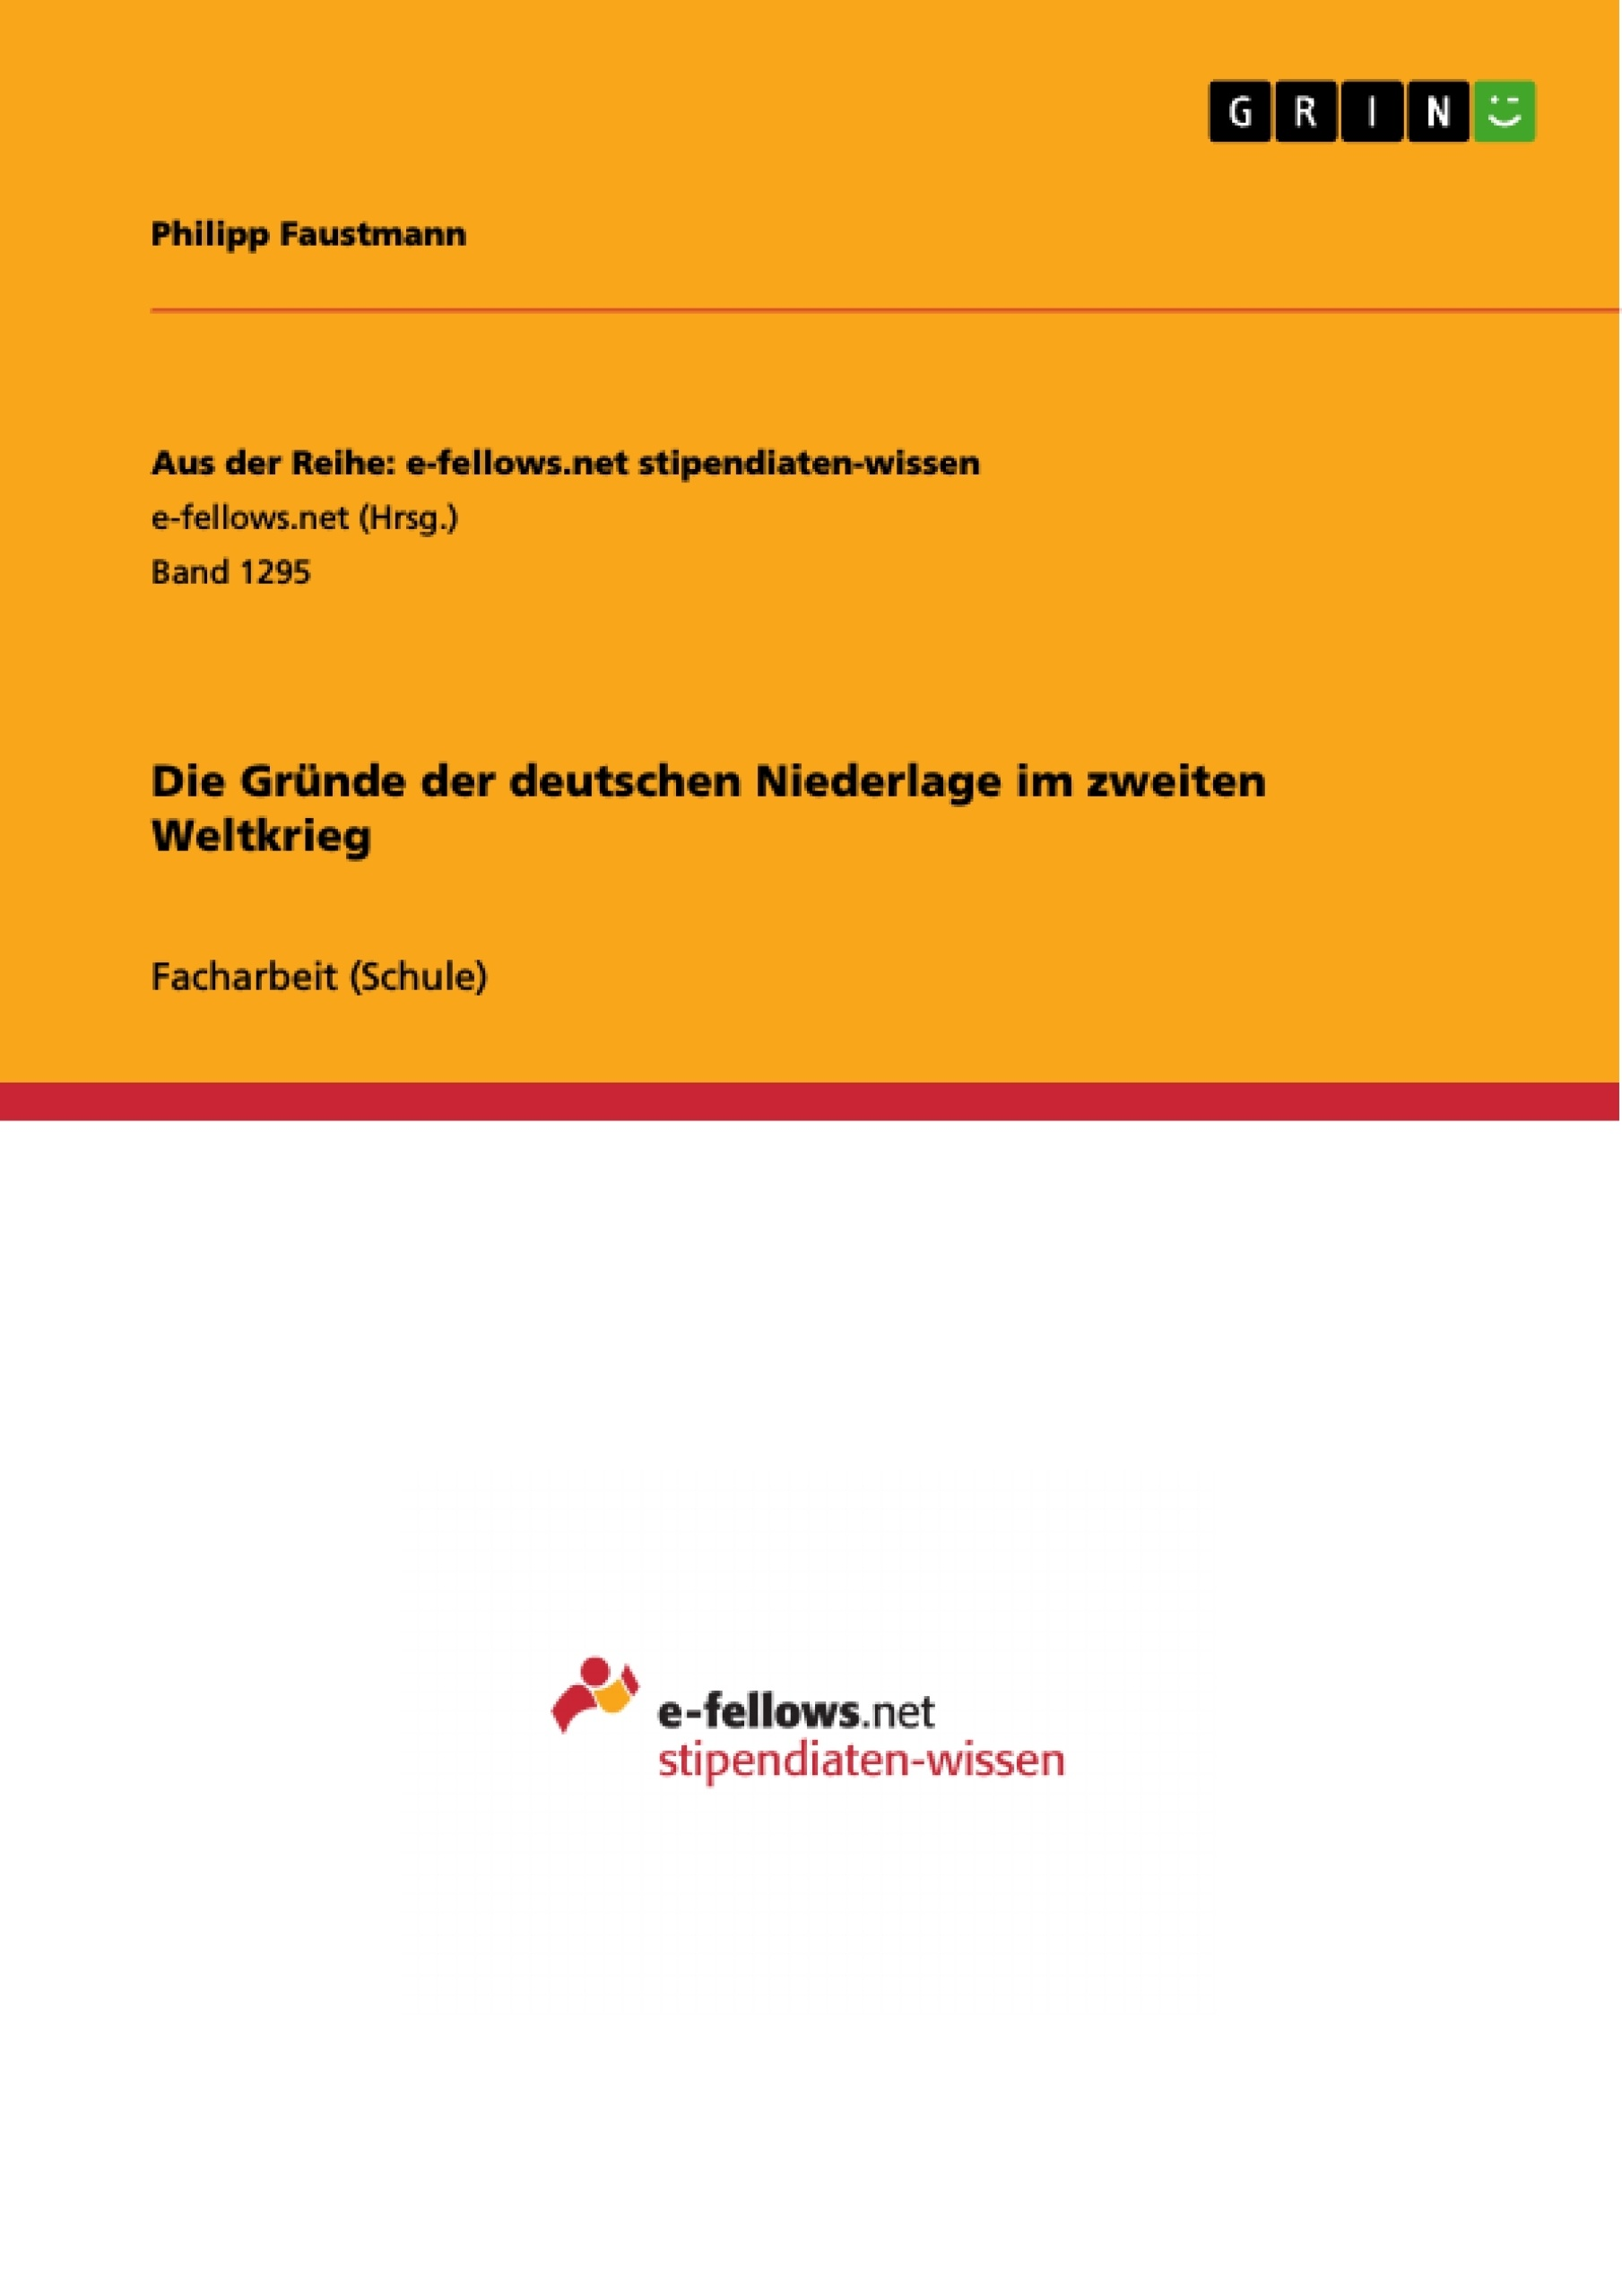 Titel: Die Gründe der deutschen Niederlage im zweiten Weltkrieg